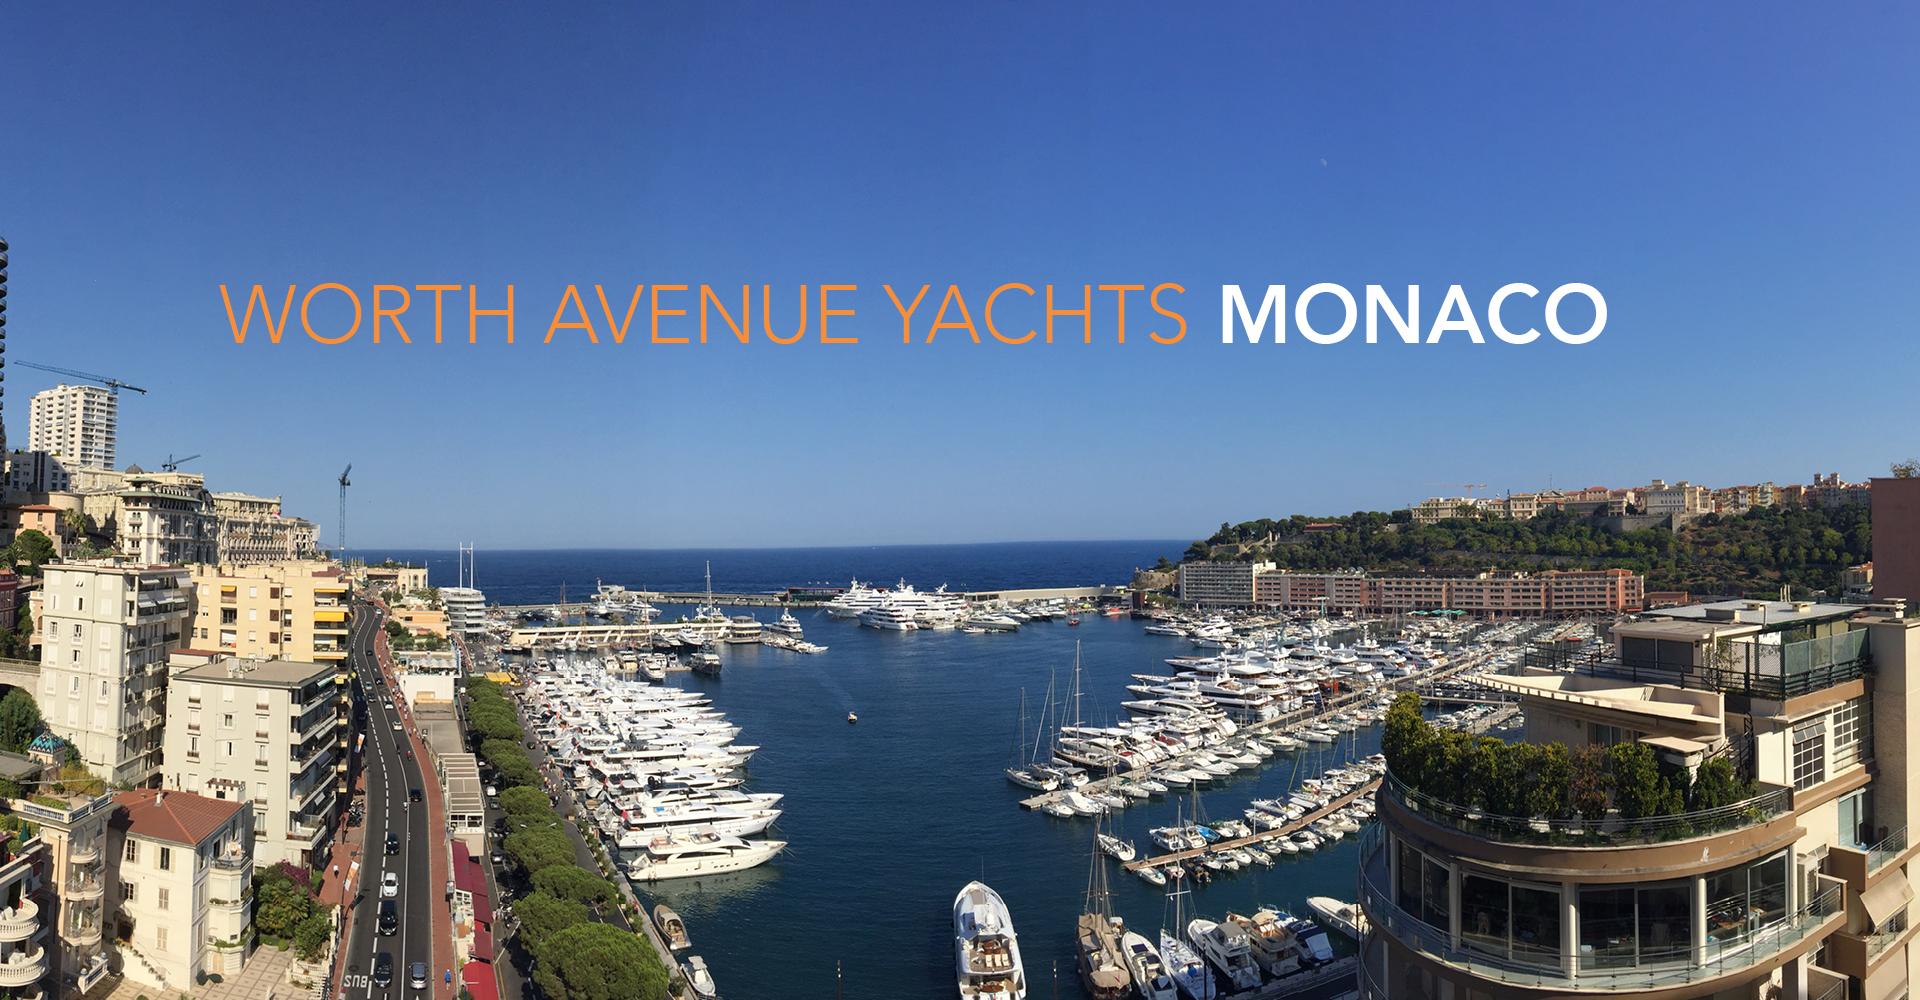 Worth Avenue Yachts Monaco Location Worth Avenue Yachts